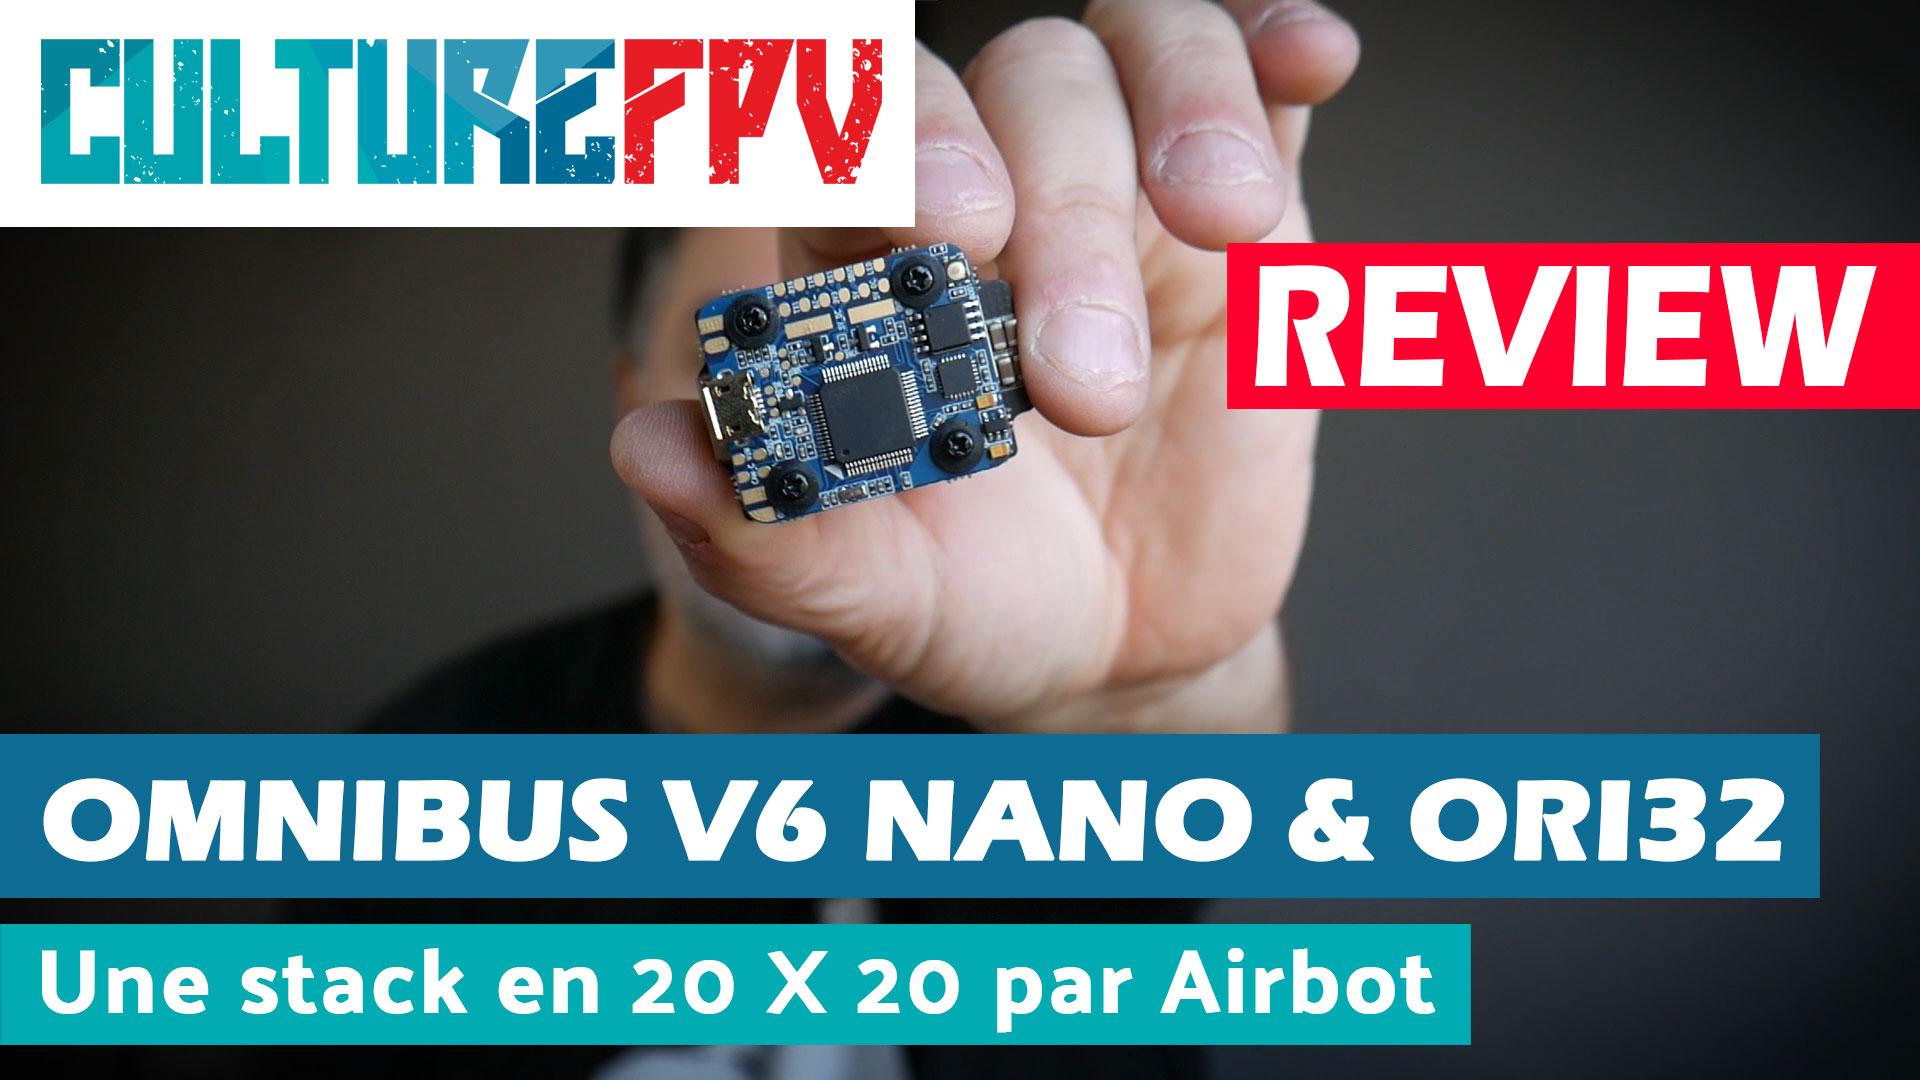 omnibus v6 nano ori32